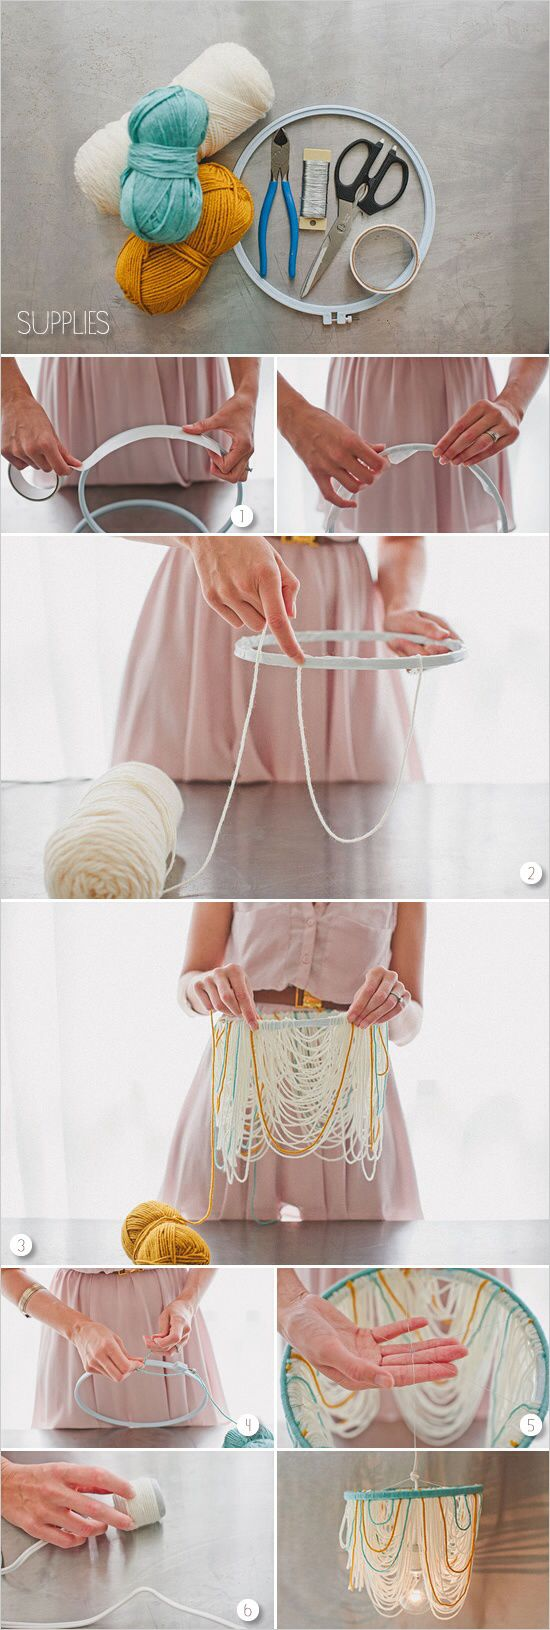 Yarn art